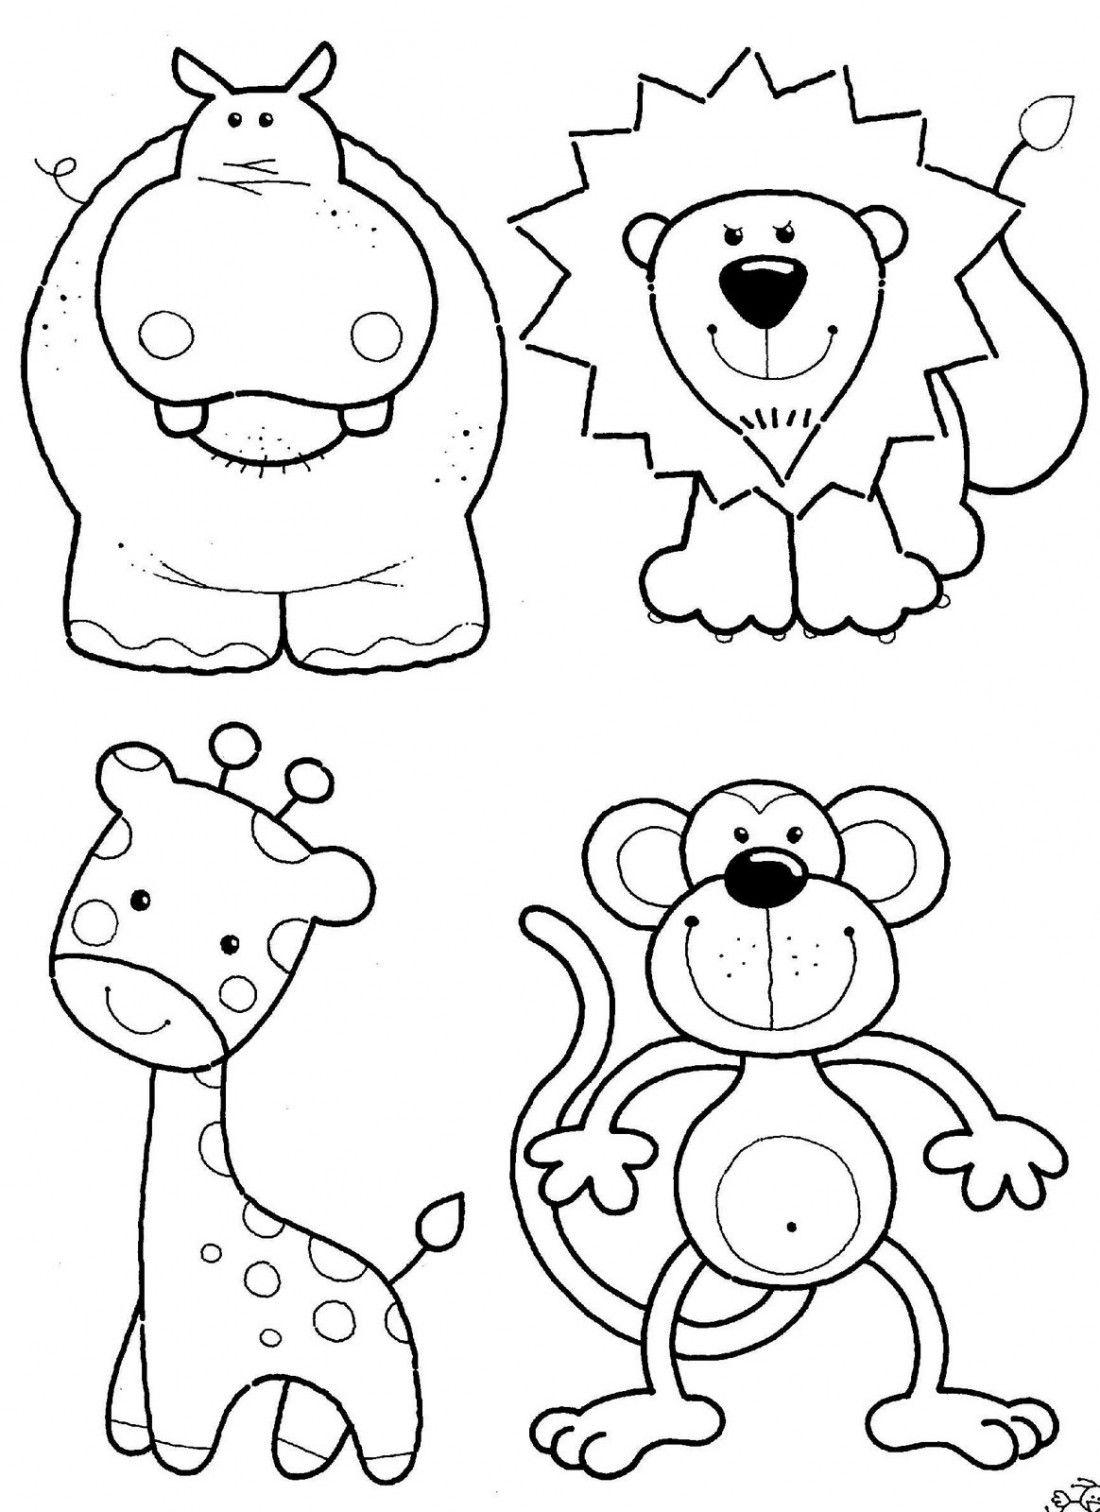 Coloring Pages Printable Kids  simonschoolblogcom